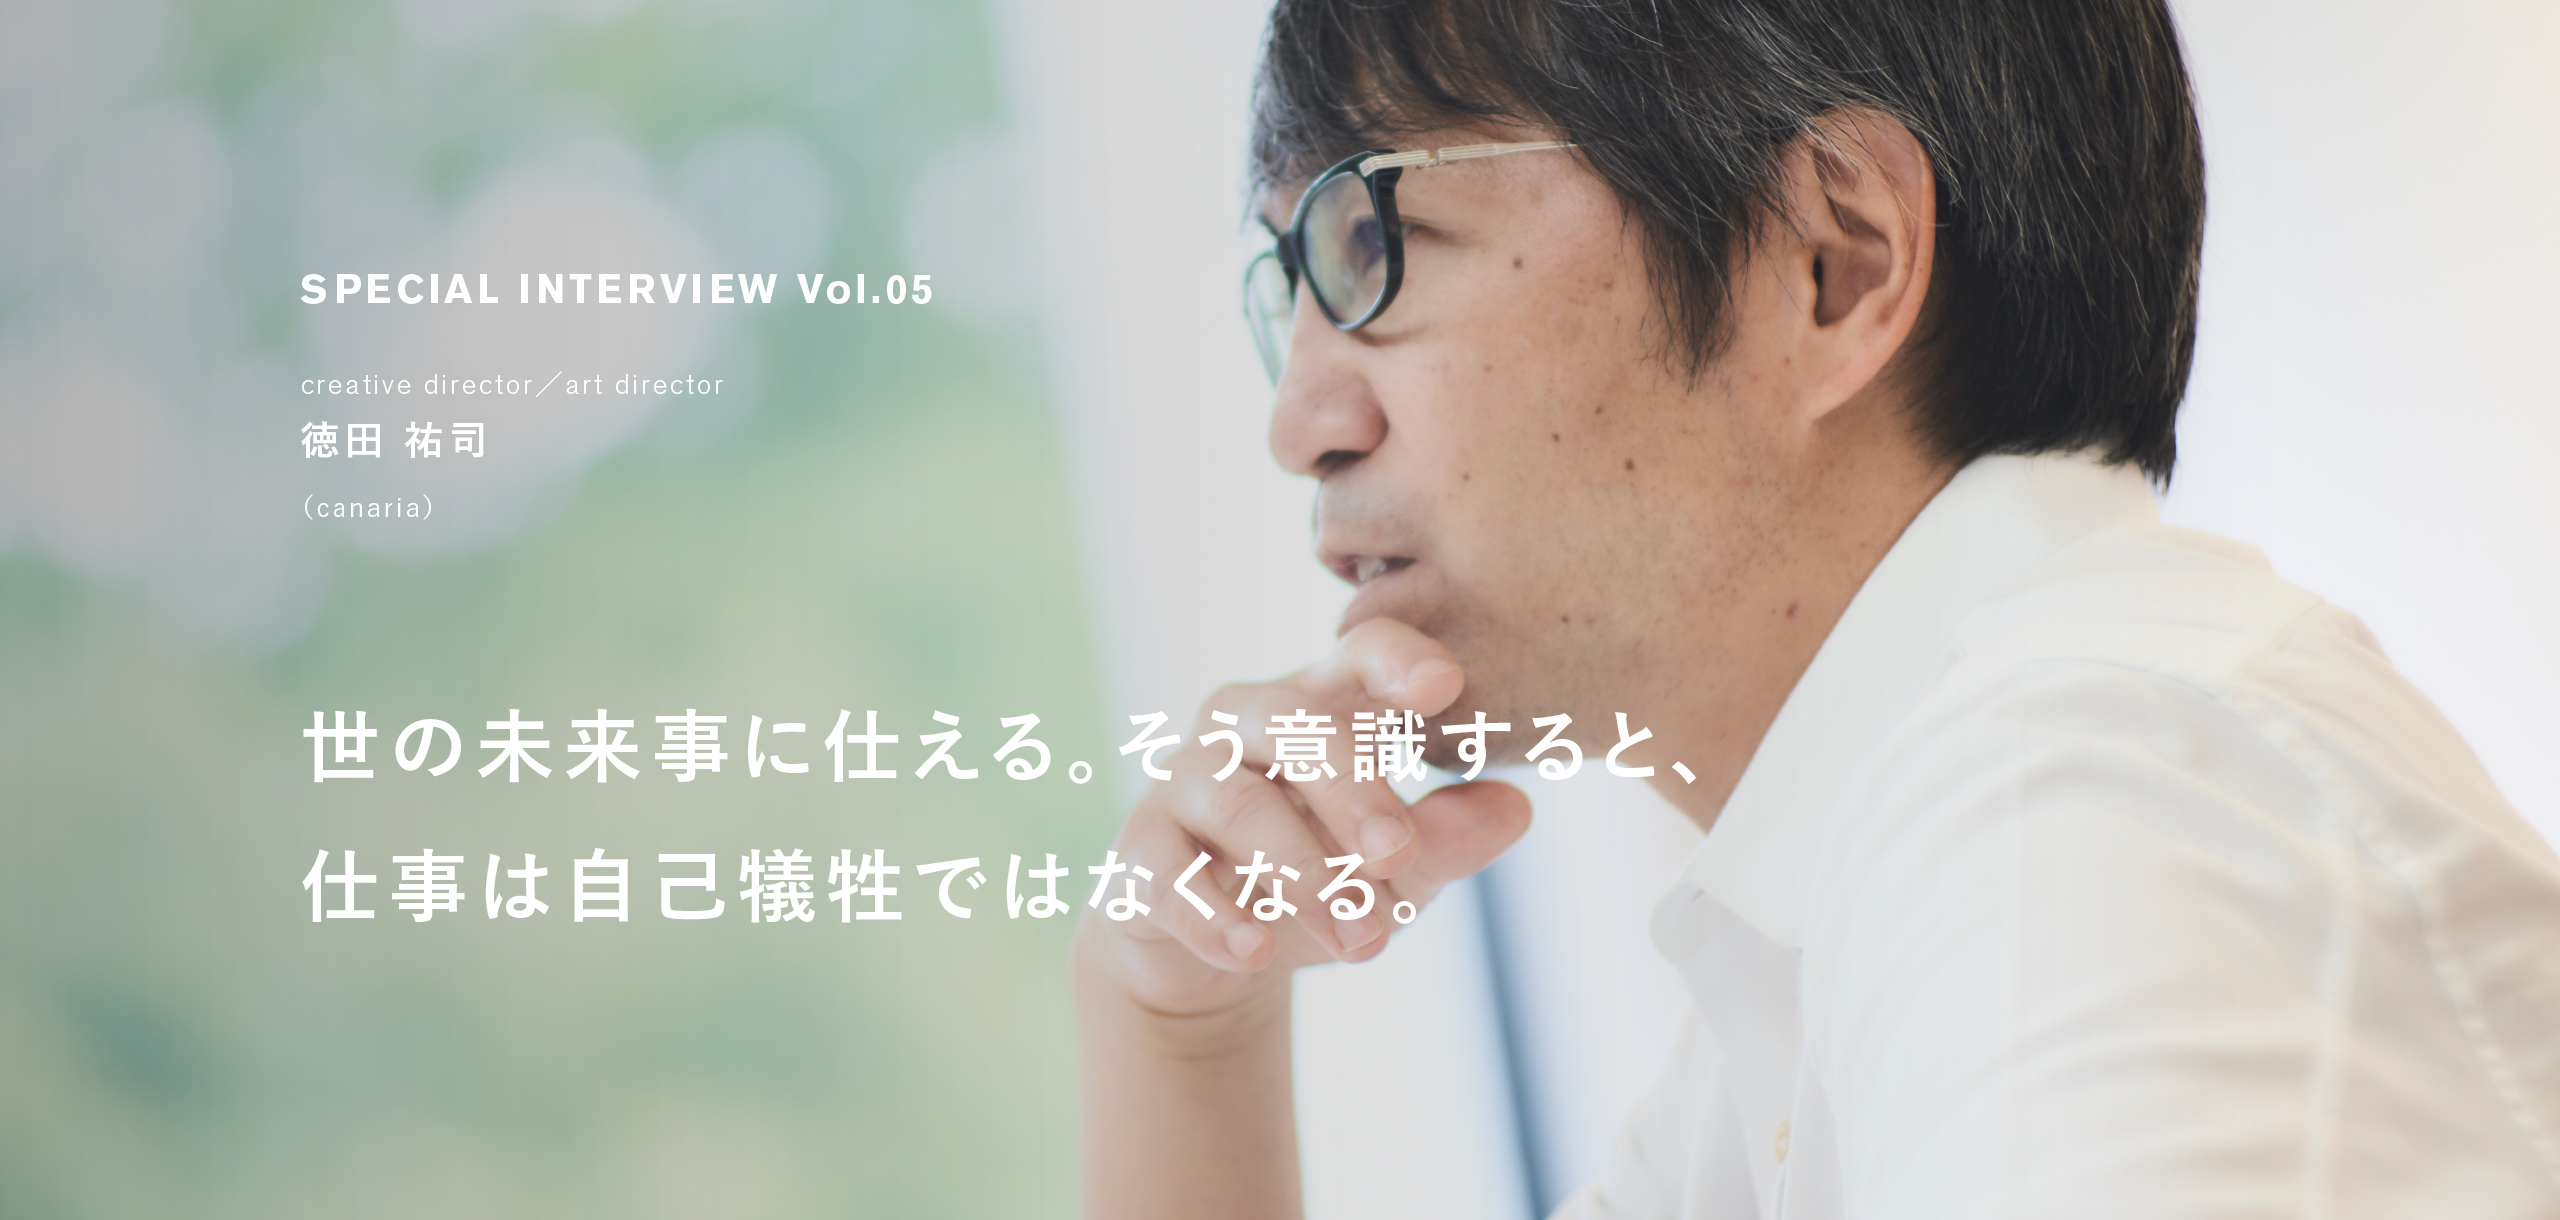 Vol.05 世の未来事に仕える。そう意識すると、仕事は自己犠牲ではなくなる。徳田 祐司(canaria) | シゴトジウム